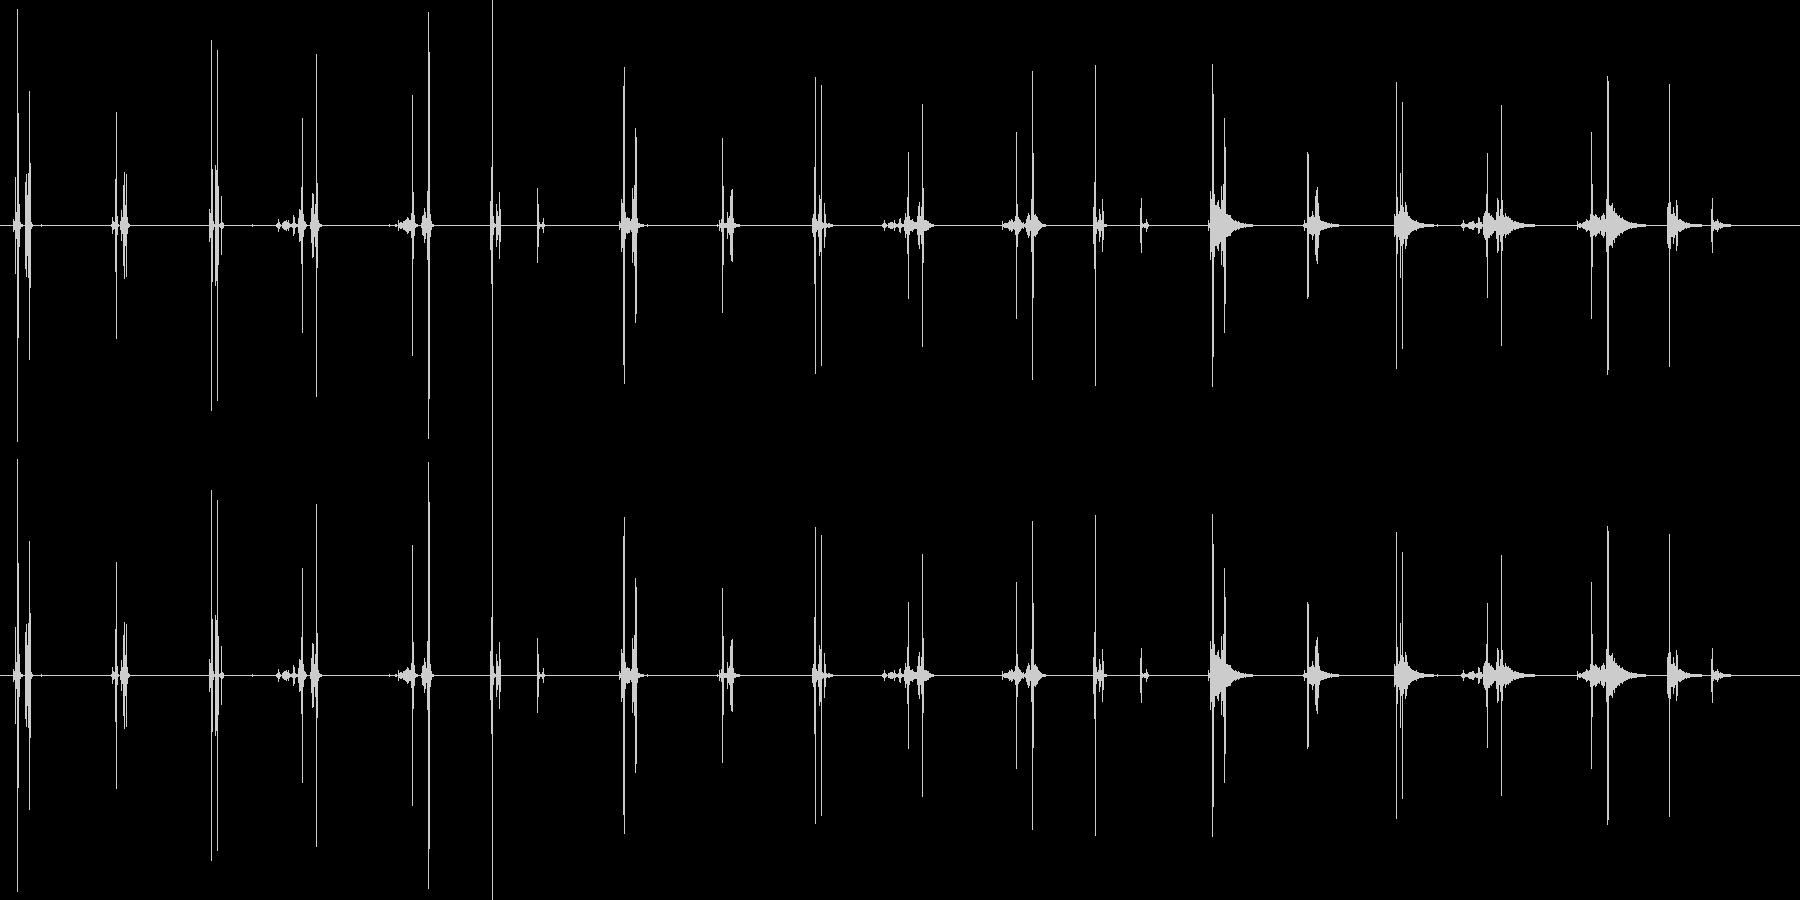 承認のスタンプ-7バージョンX 3...の未再生の波形